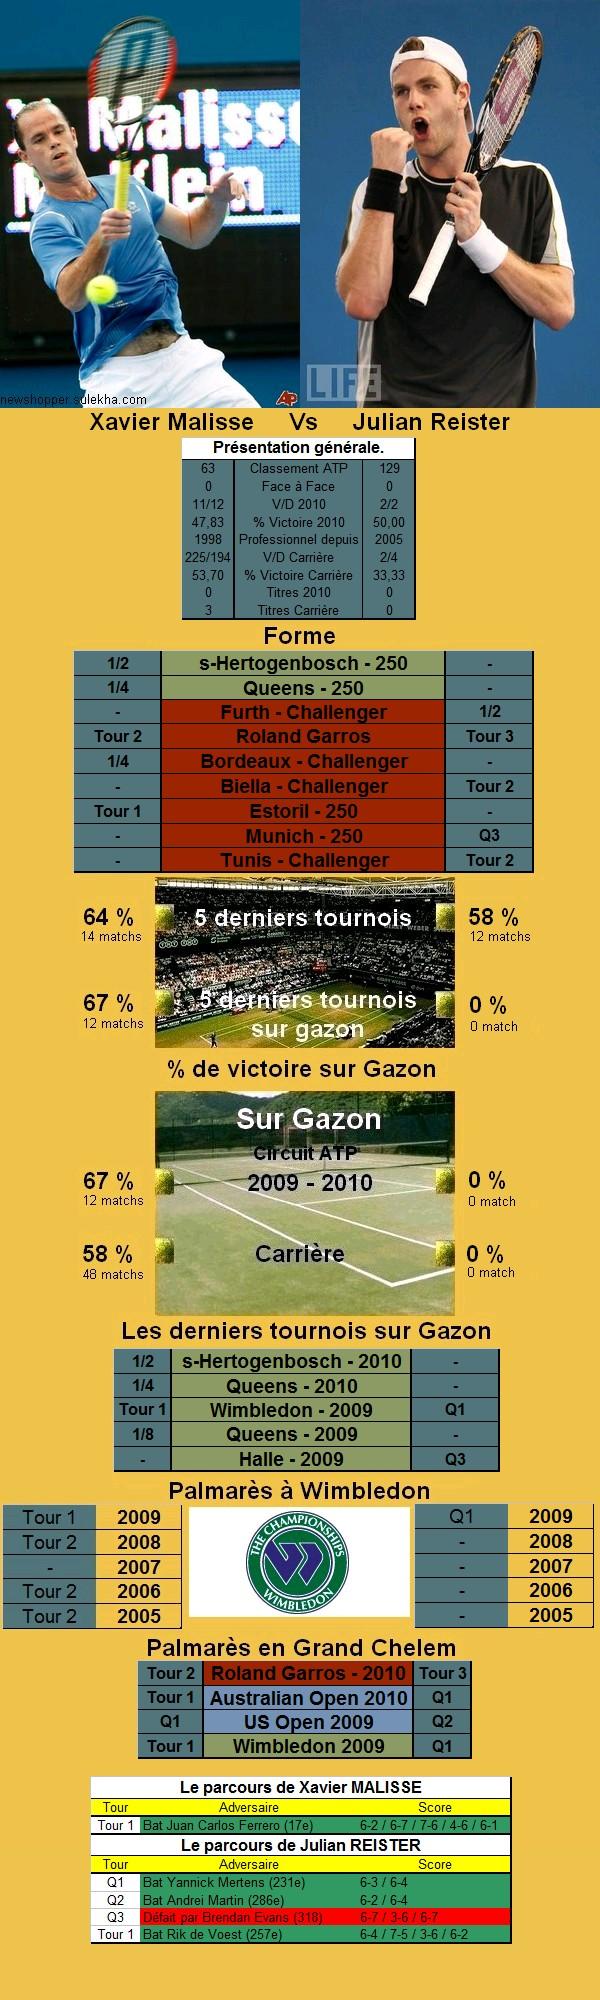 Statistiques tennis de Malisse contre Reister à Wimbledon